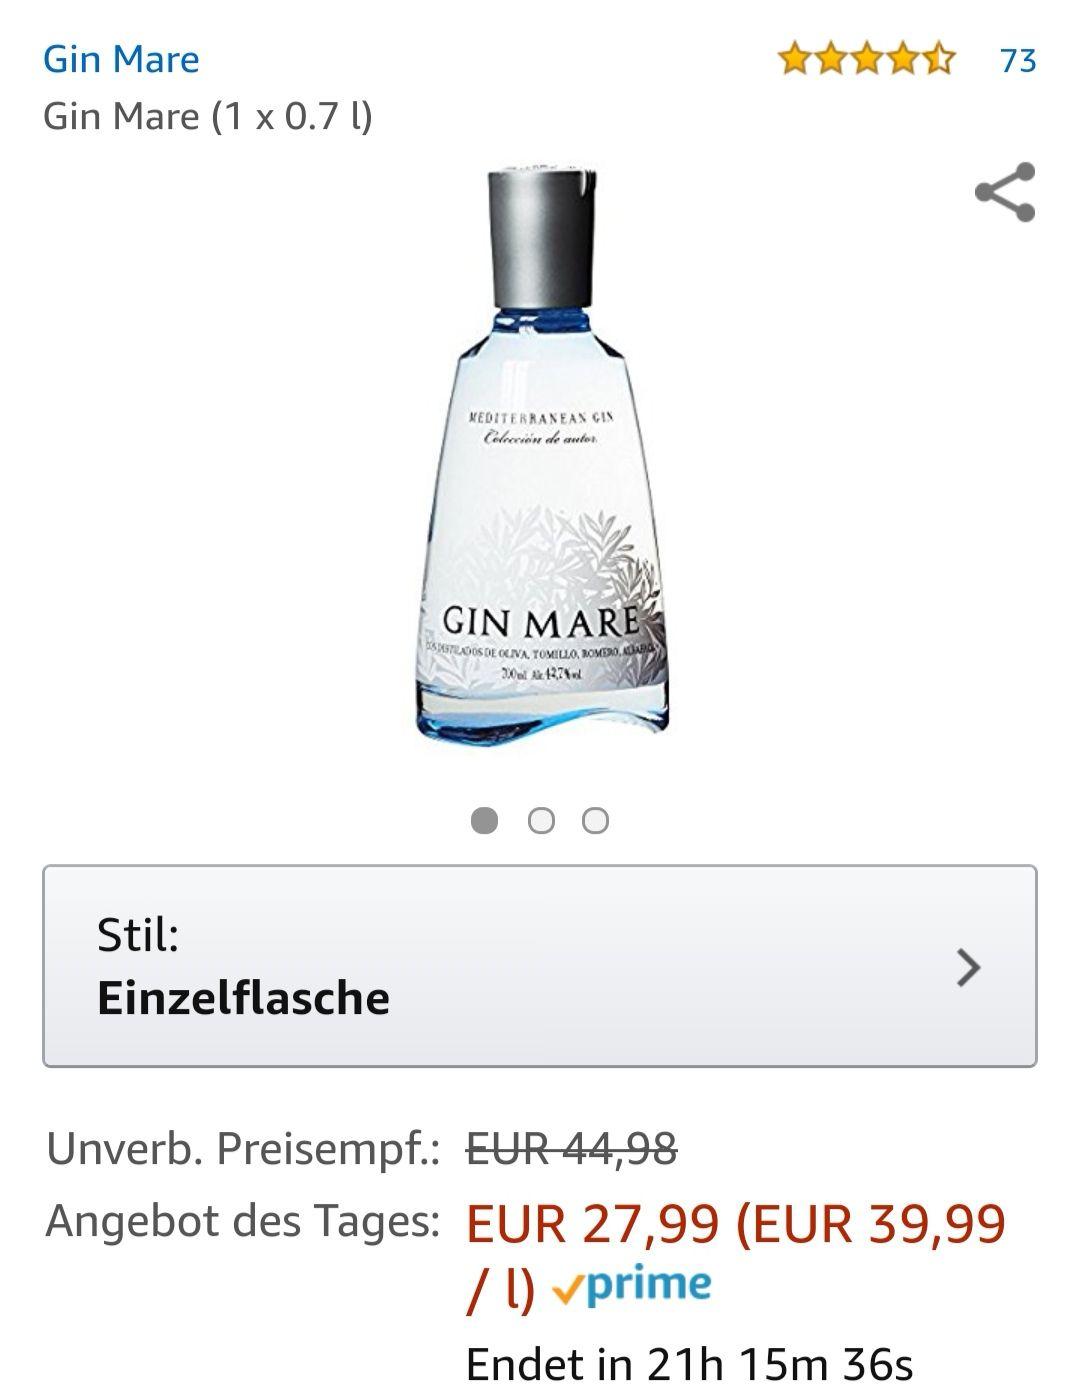 Gin Mare ohne Glas heute bei Amazon (Prime) und sonstige günstige wie Tanqueray No. TEN für 19,59